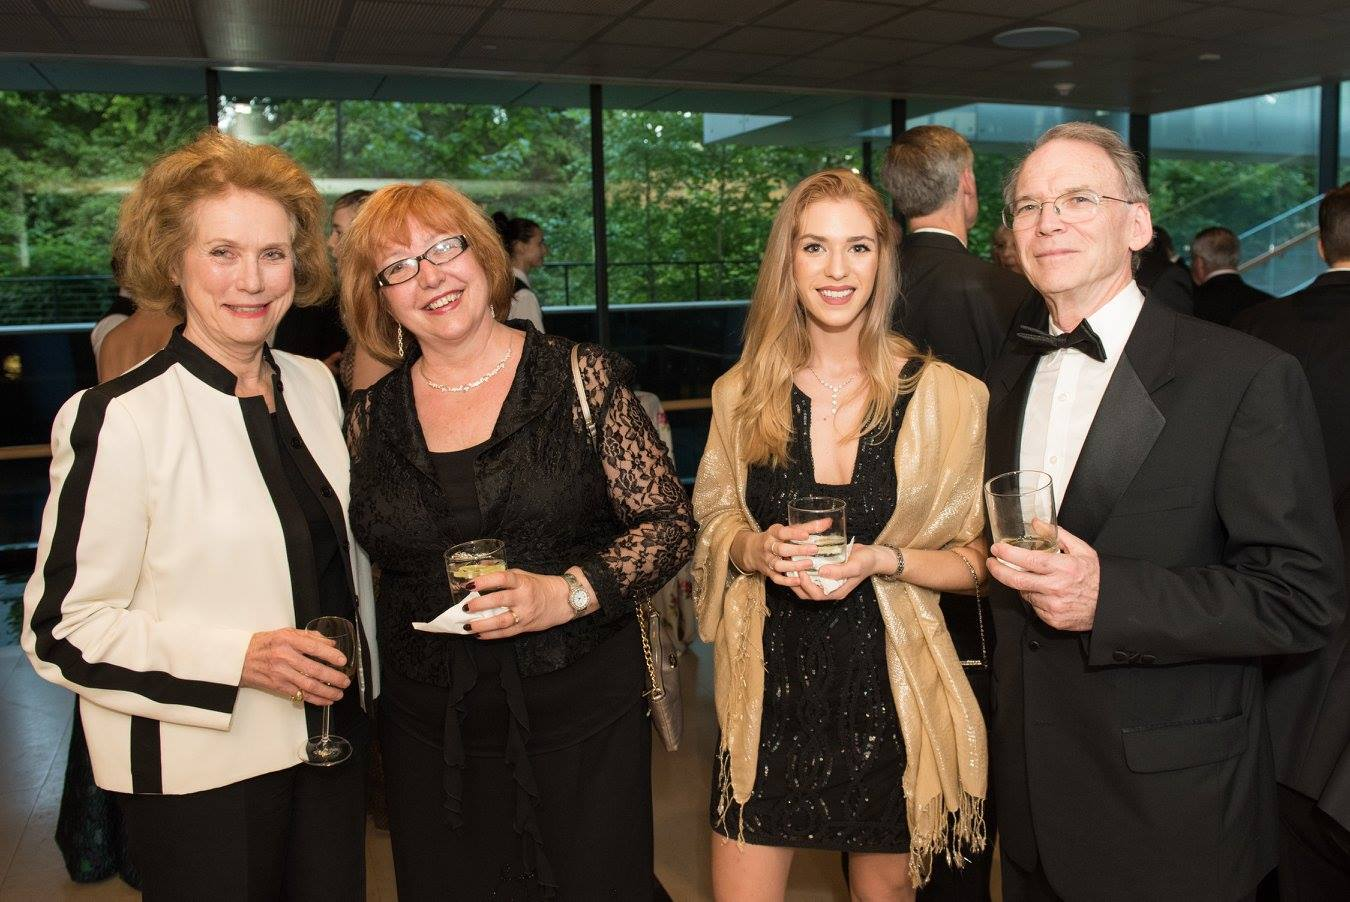 Mrs. Anne C. Bader, Dr. Ágnes Virga, Ms. Faye Gillespie, Mr. Raye Gillespie